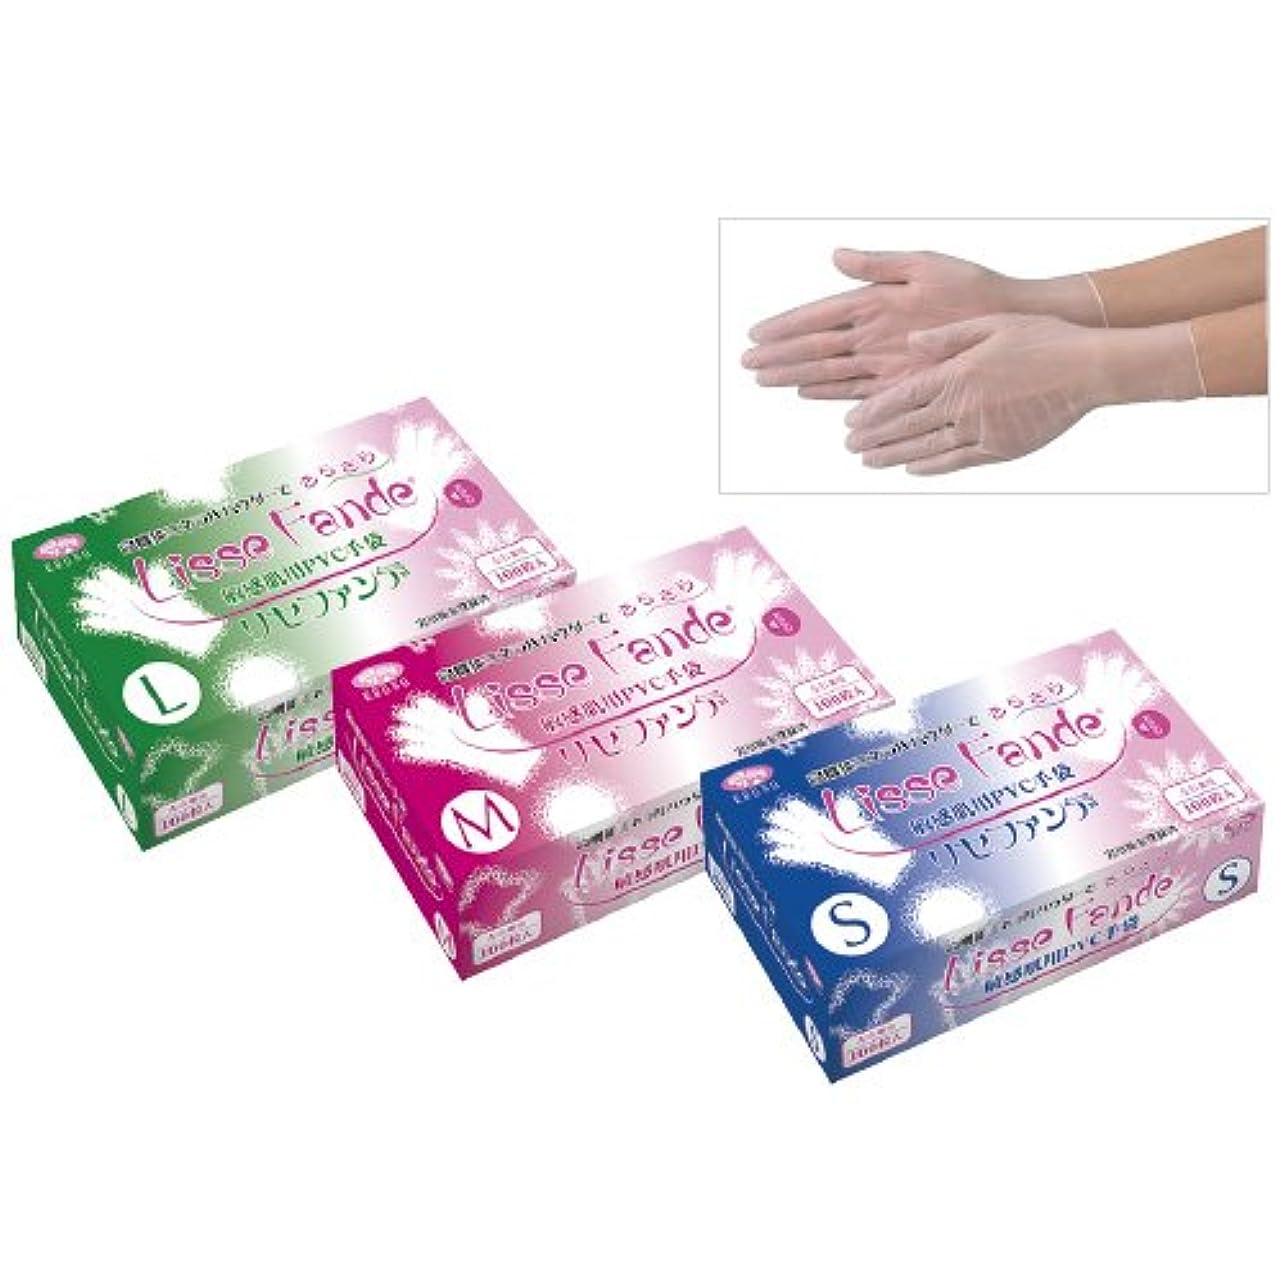 塊保育園チャップ敏感肌用PVC手袋リセファンデ 117(L)100???? ??????????PVC??????(24-4373-02)【エブノ】[20箱単位]